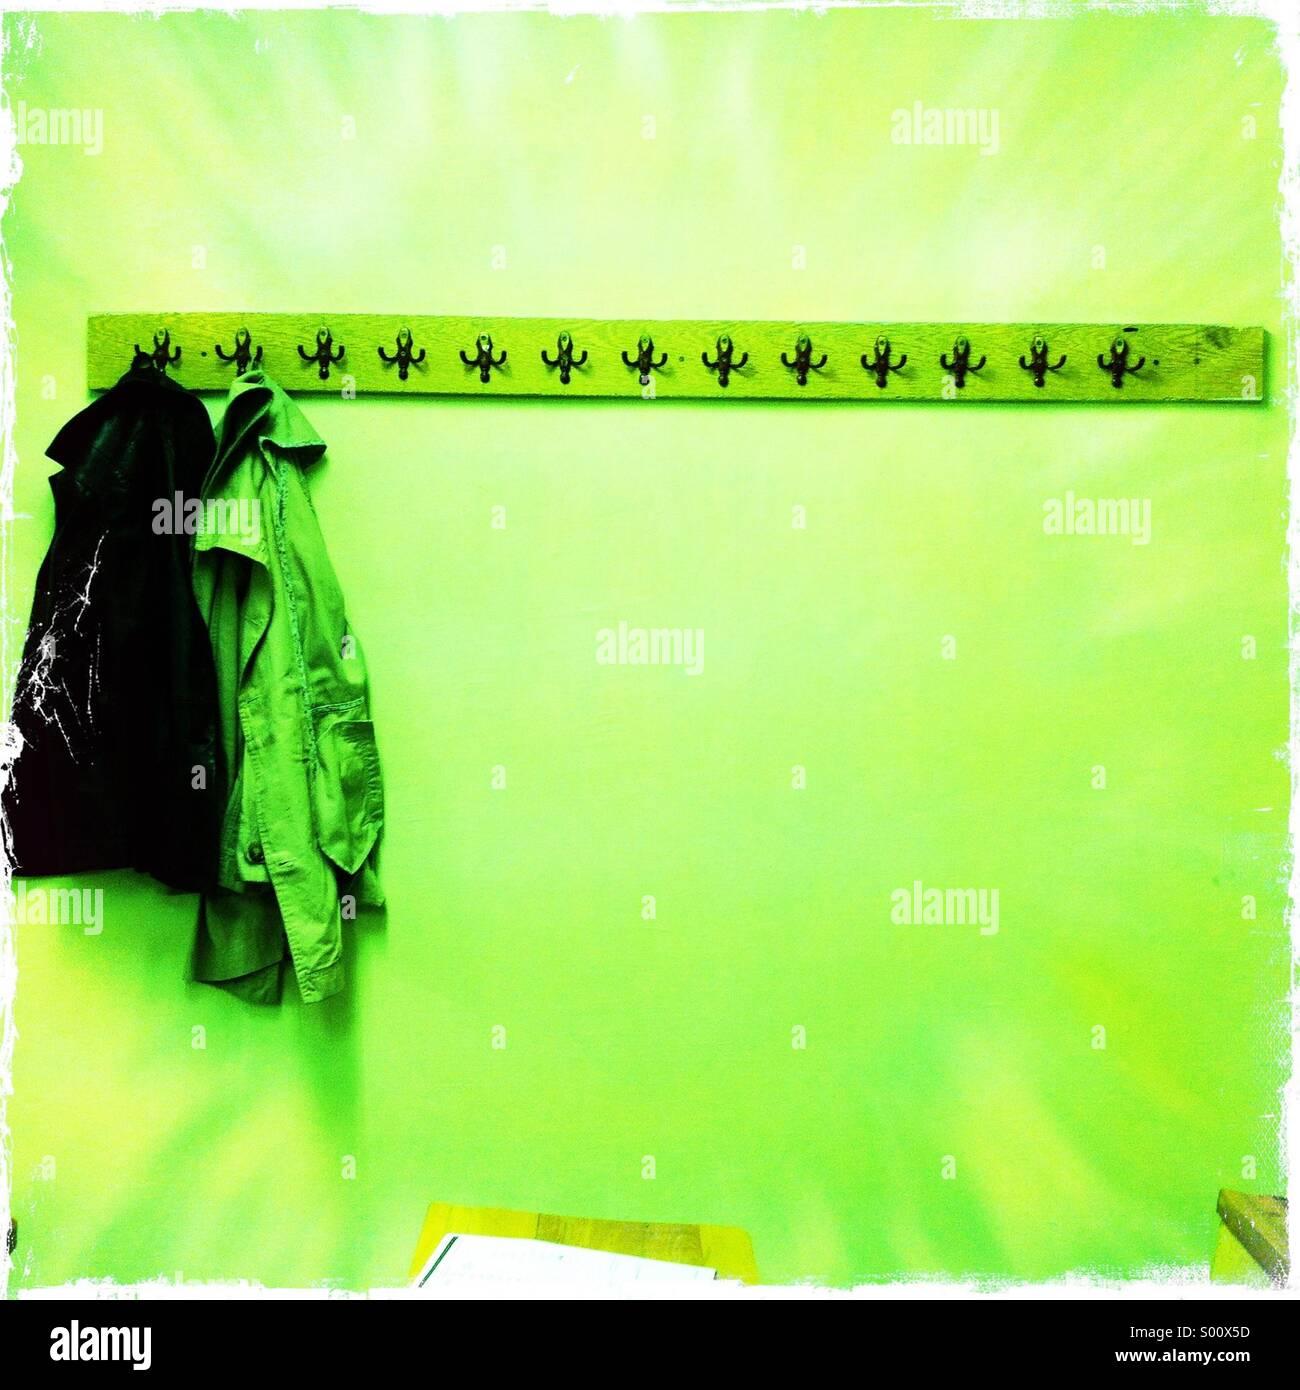 Raincoats on hang - Stock Image